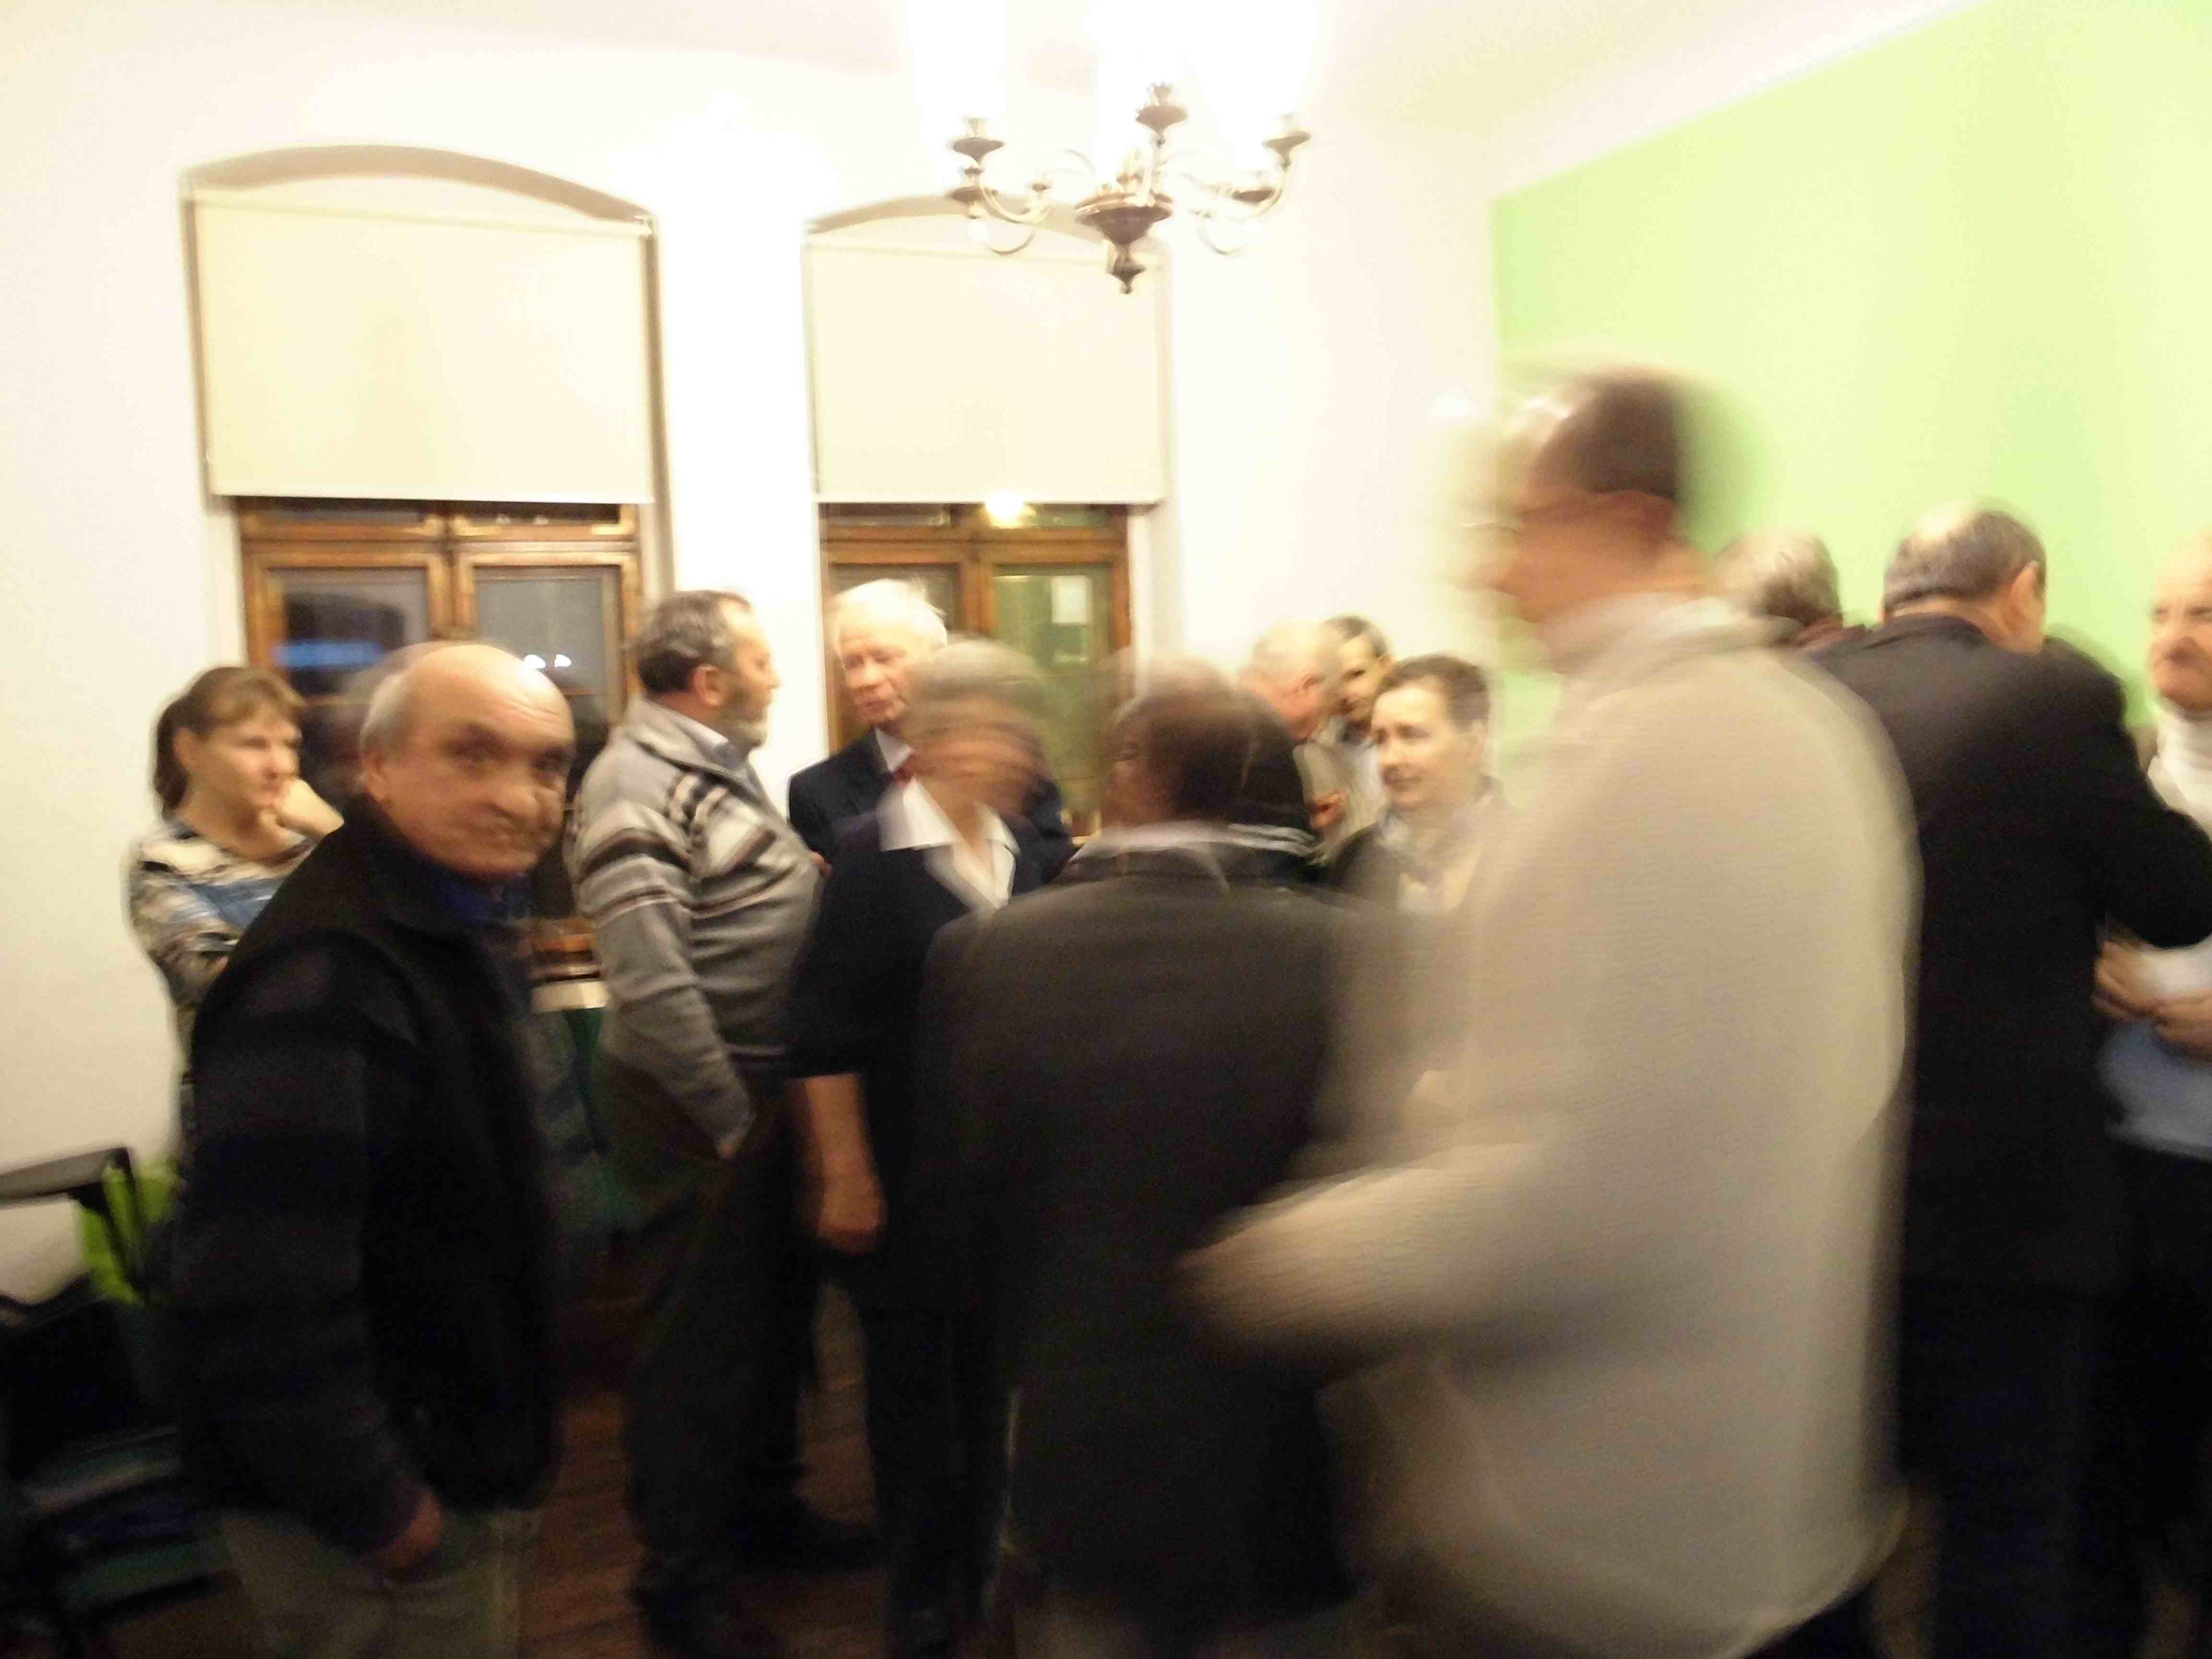 WOLNY CZYN: Opłatek opozycji w Katowicach